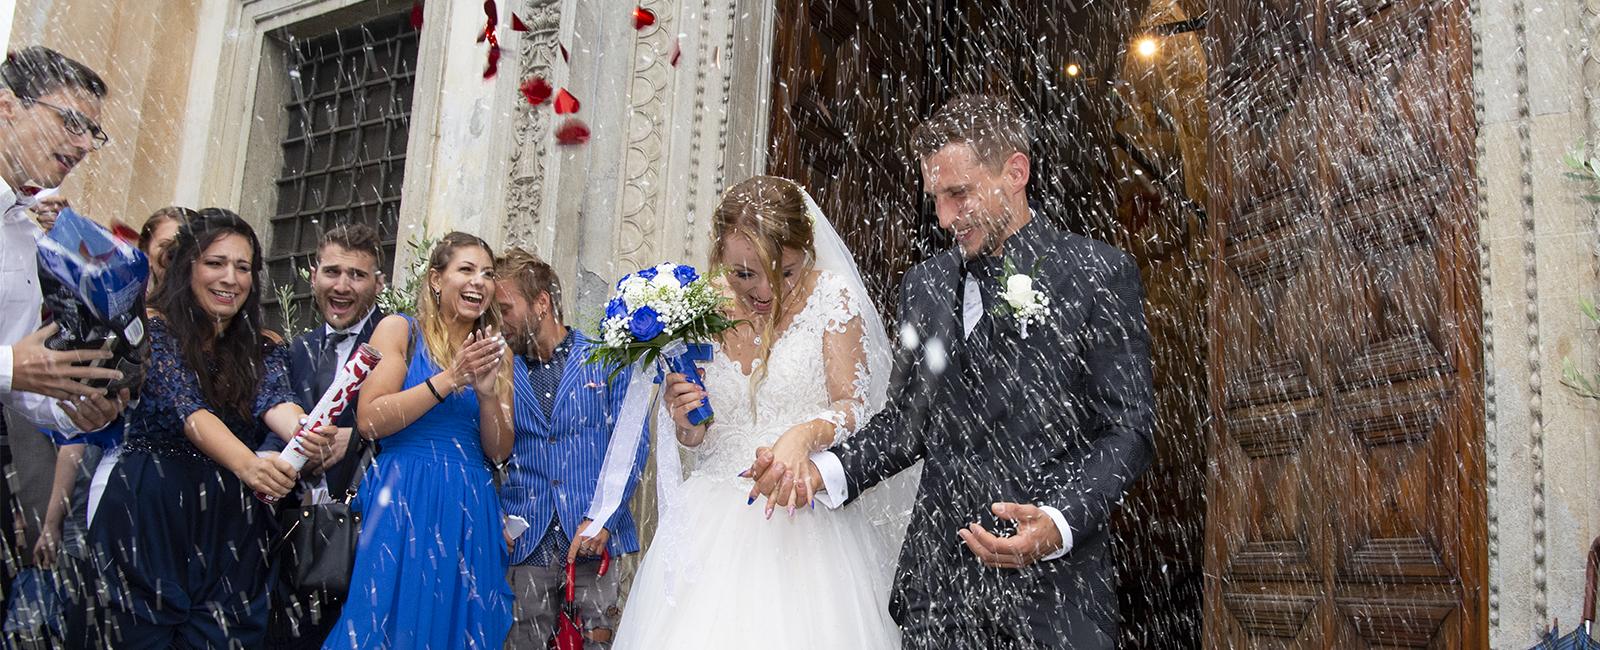 Fotografo Matrimonio e non solo – LofficinaFotografica